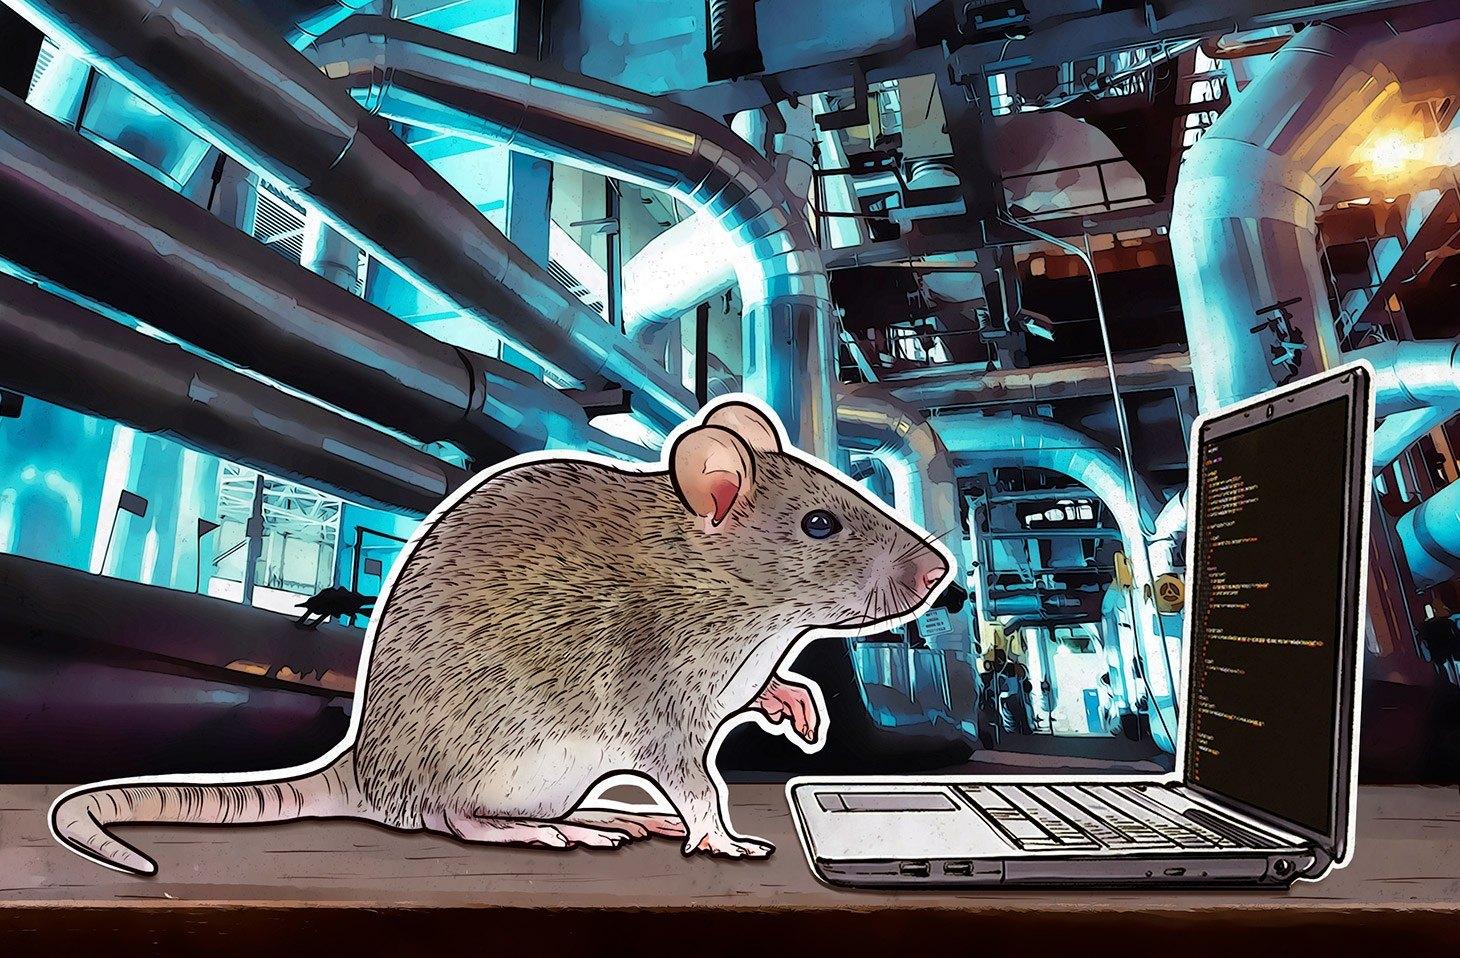 Fernwartungssoftware stellt eine große Gefahr für industrielle Netzwerke dar